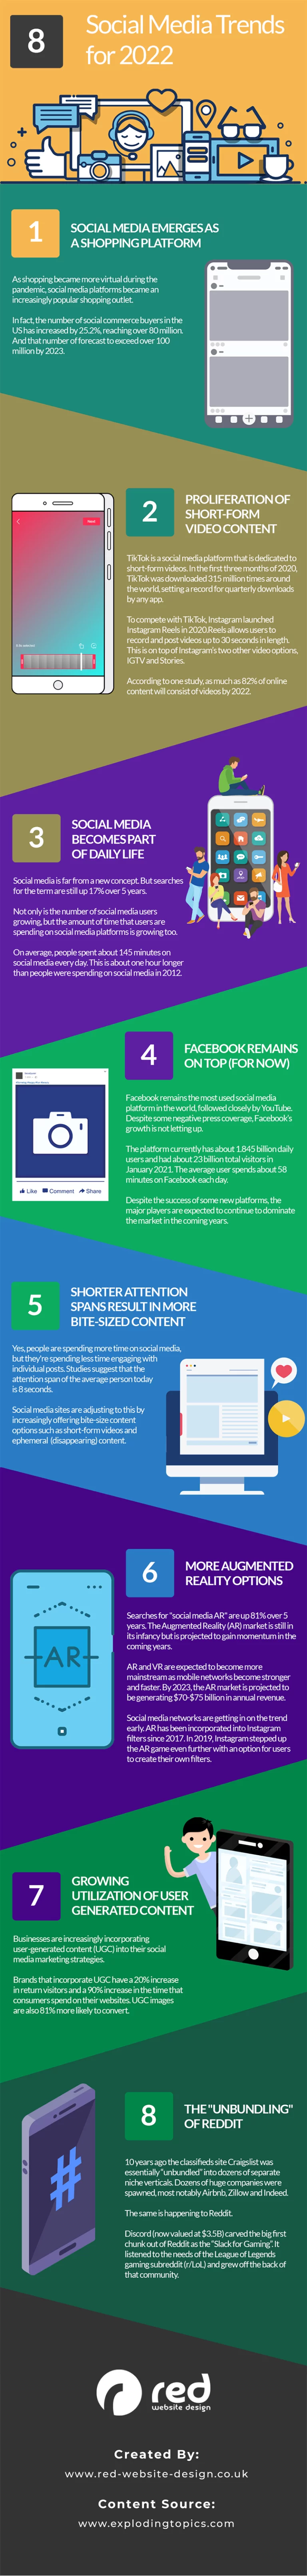 8 social media trend predictions